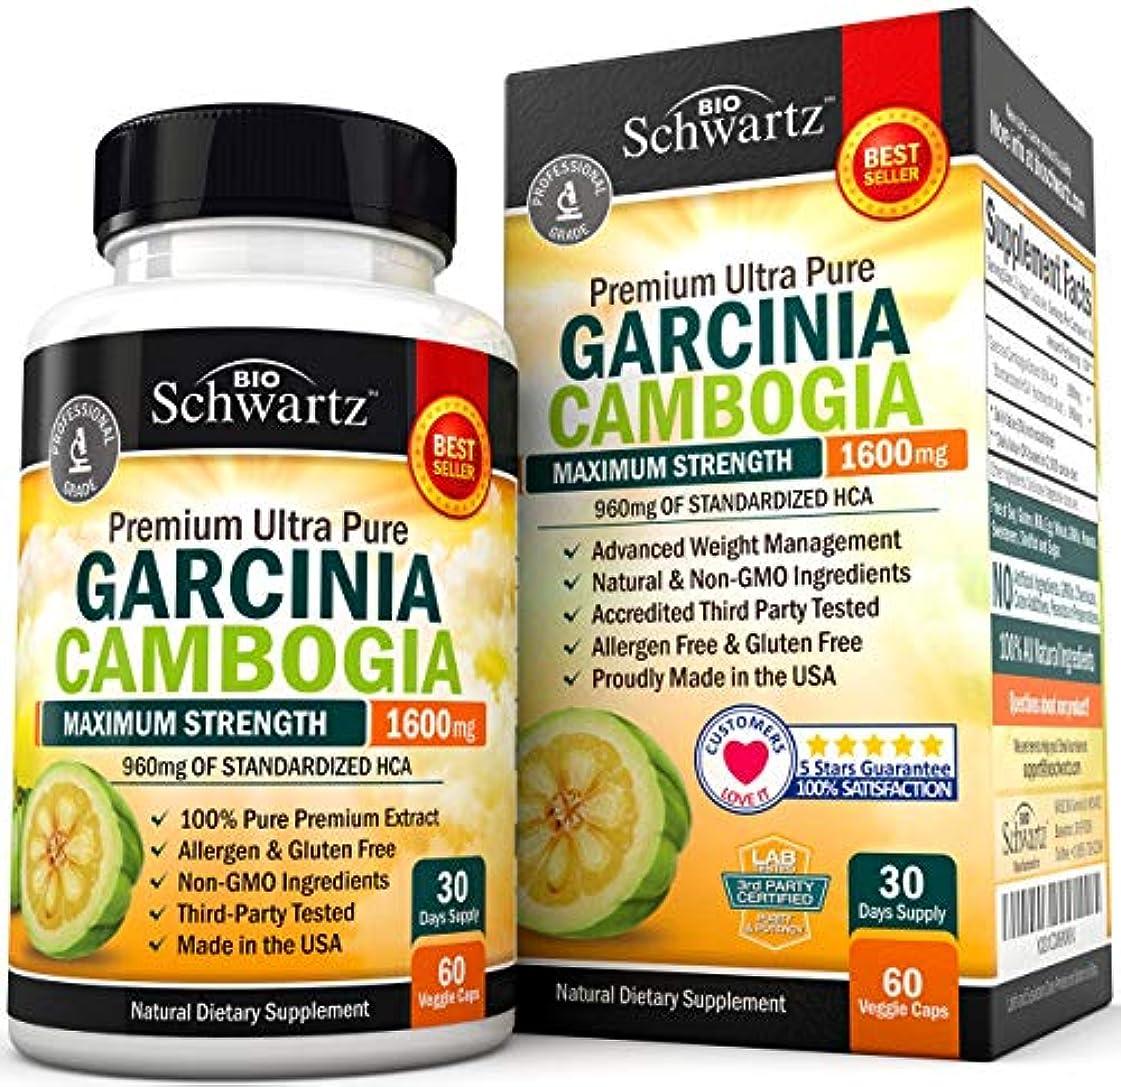 追放蓄積するスズメバチGarcinia Cambogia Pure Extract 1600mg  ガルシニアカンボジア